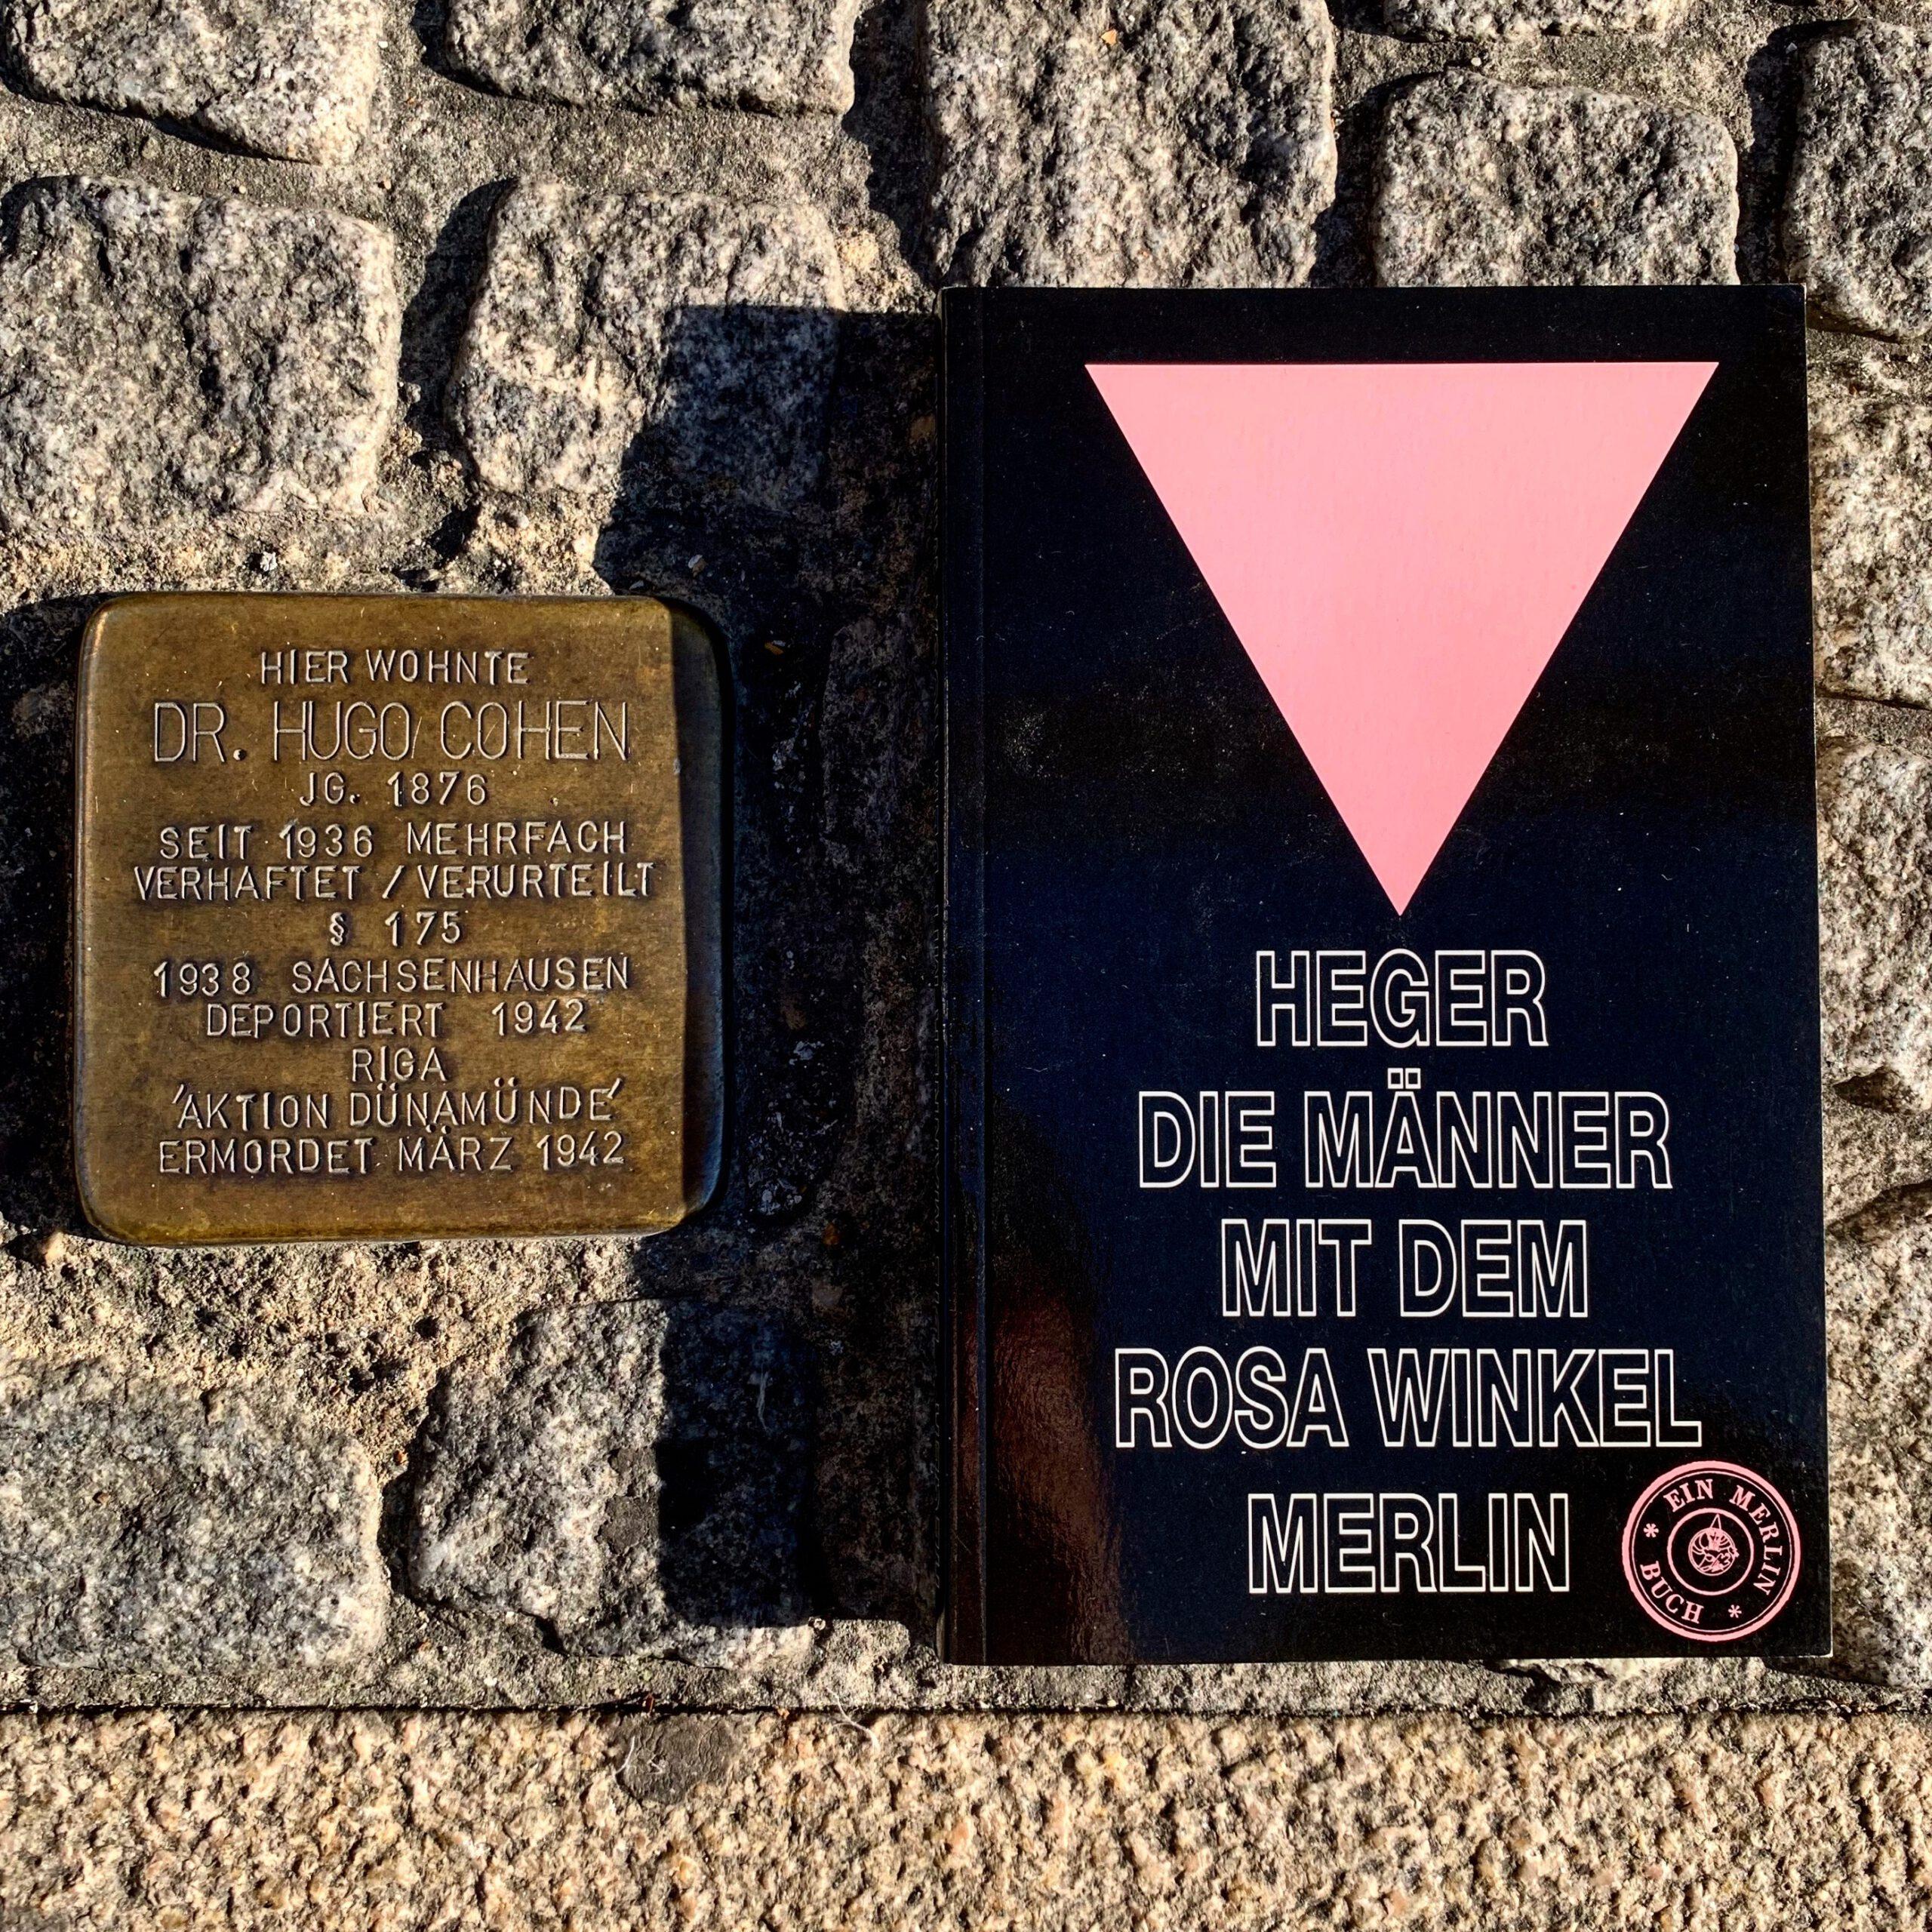 Heinz Heger - Die Männer mit dem rosa Winkel